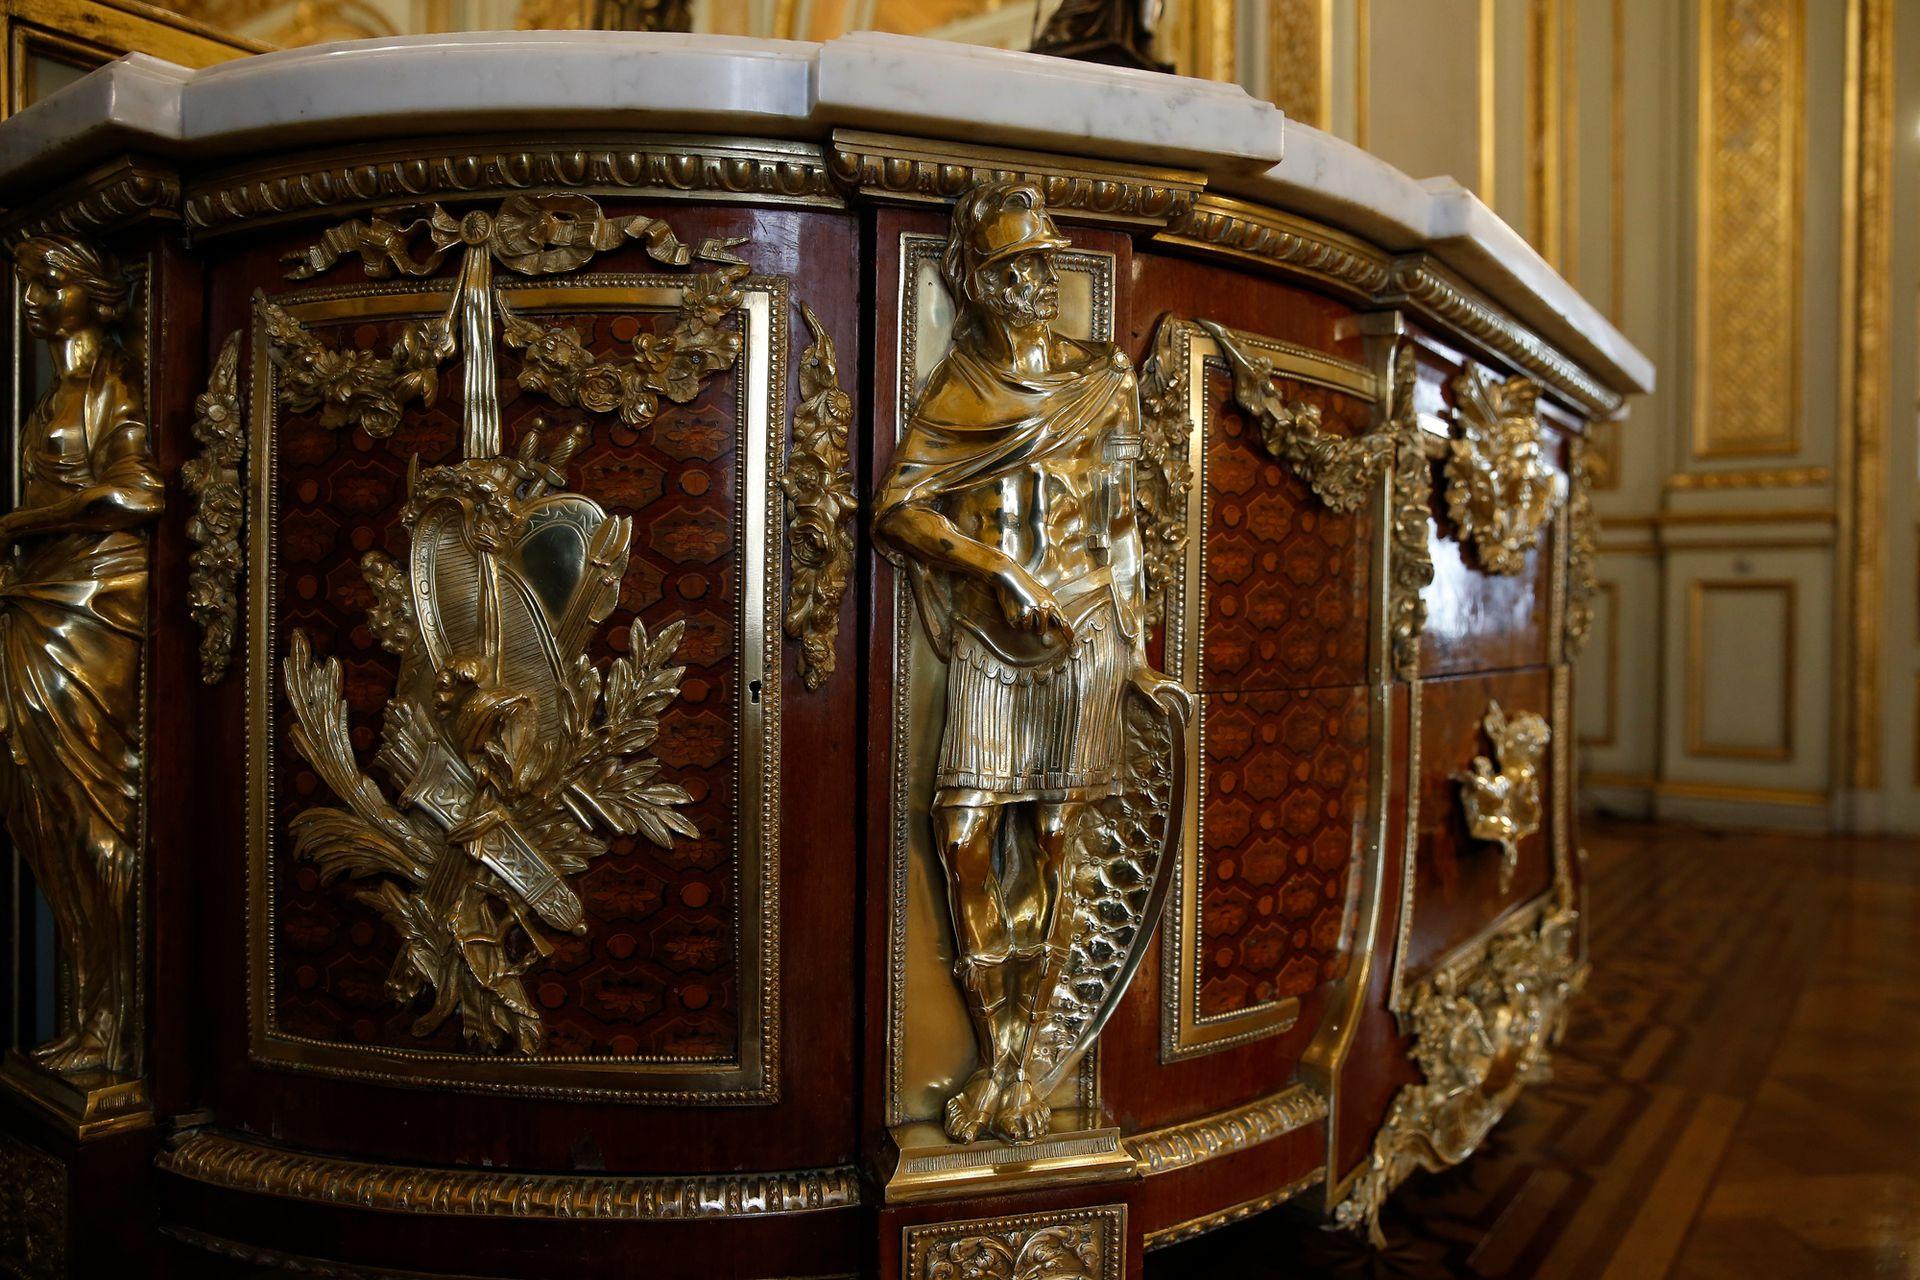 Uno de los muebles originales que se conservan en el Palacio